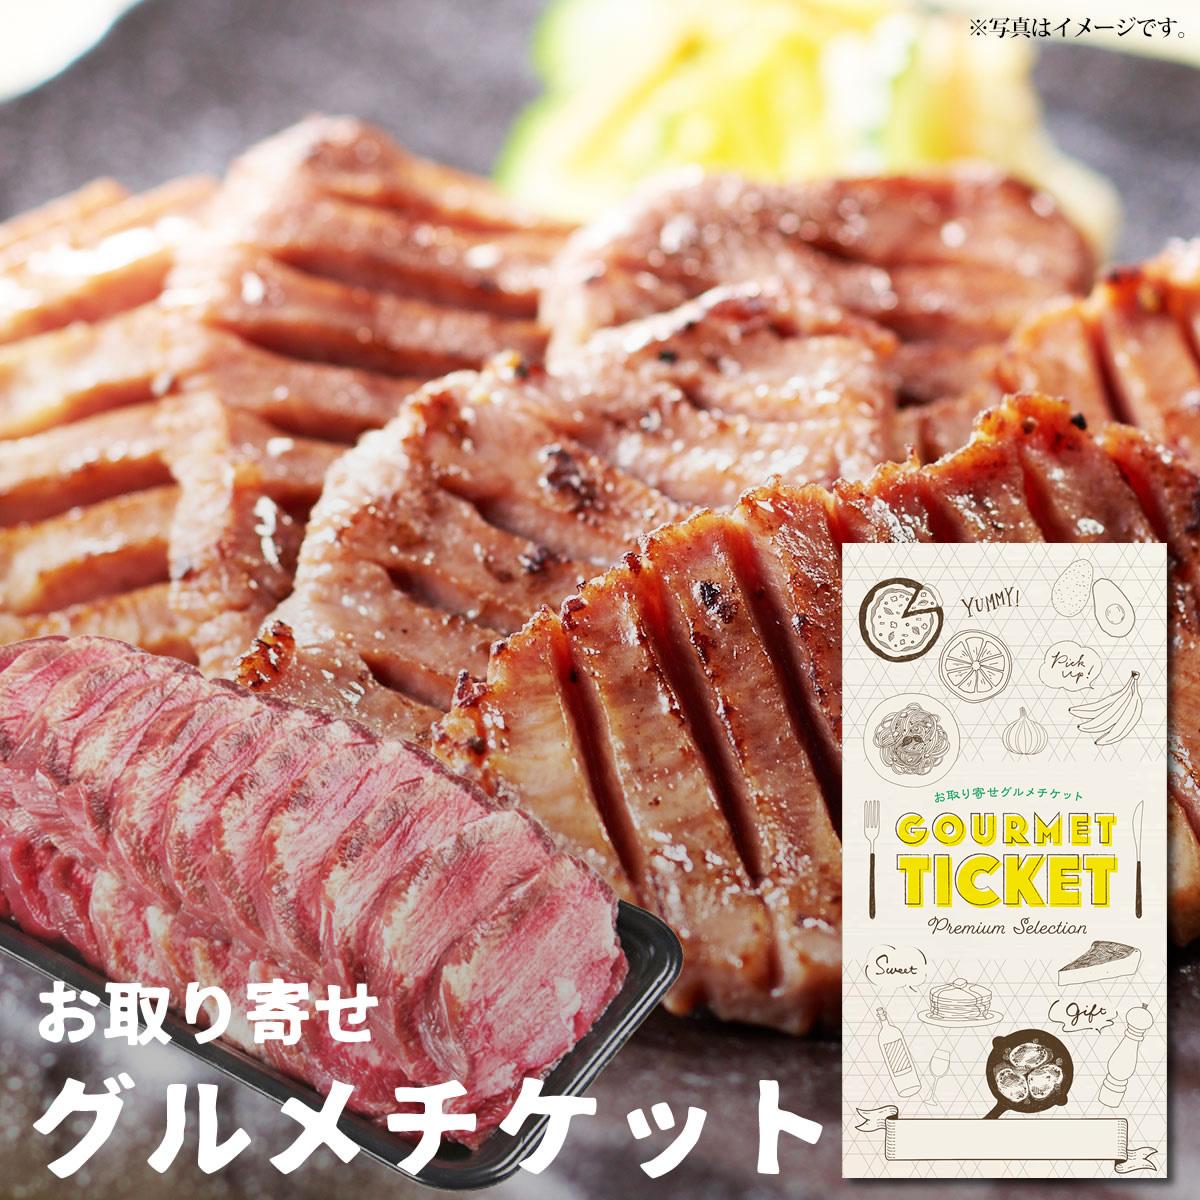 お取り寄せグルメチケット 牛タン丸ごと1本 塩麹熟成(スライス済・900g)